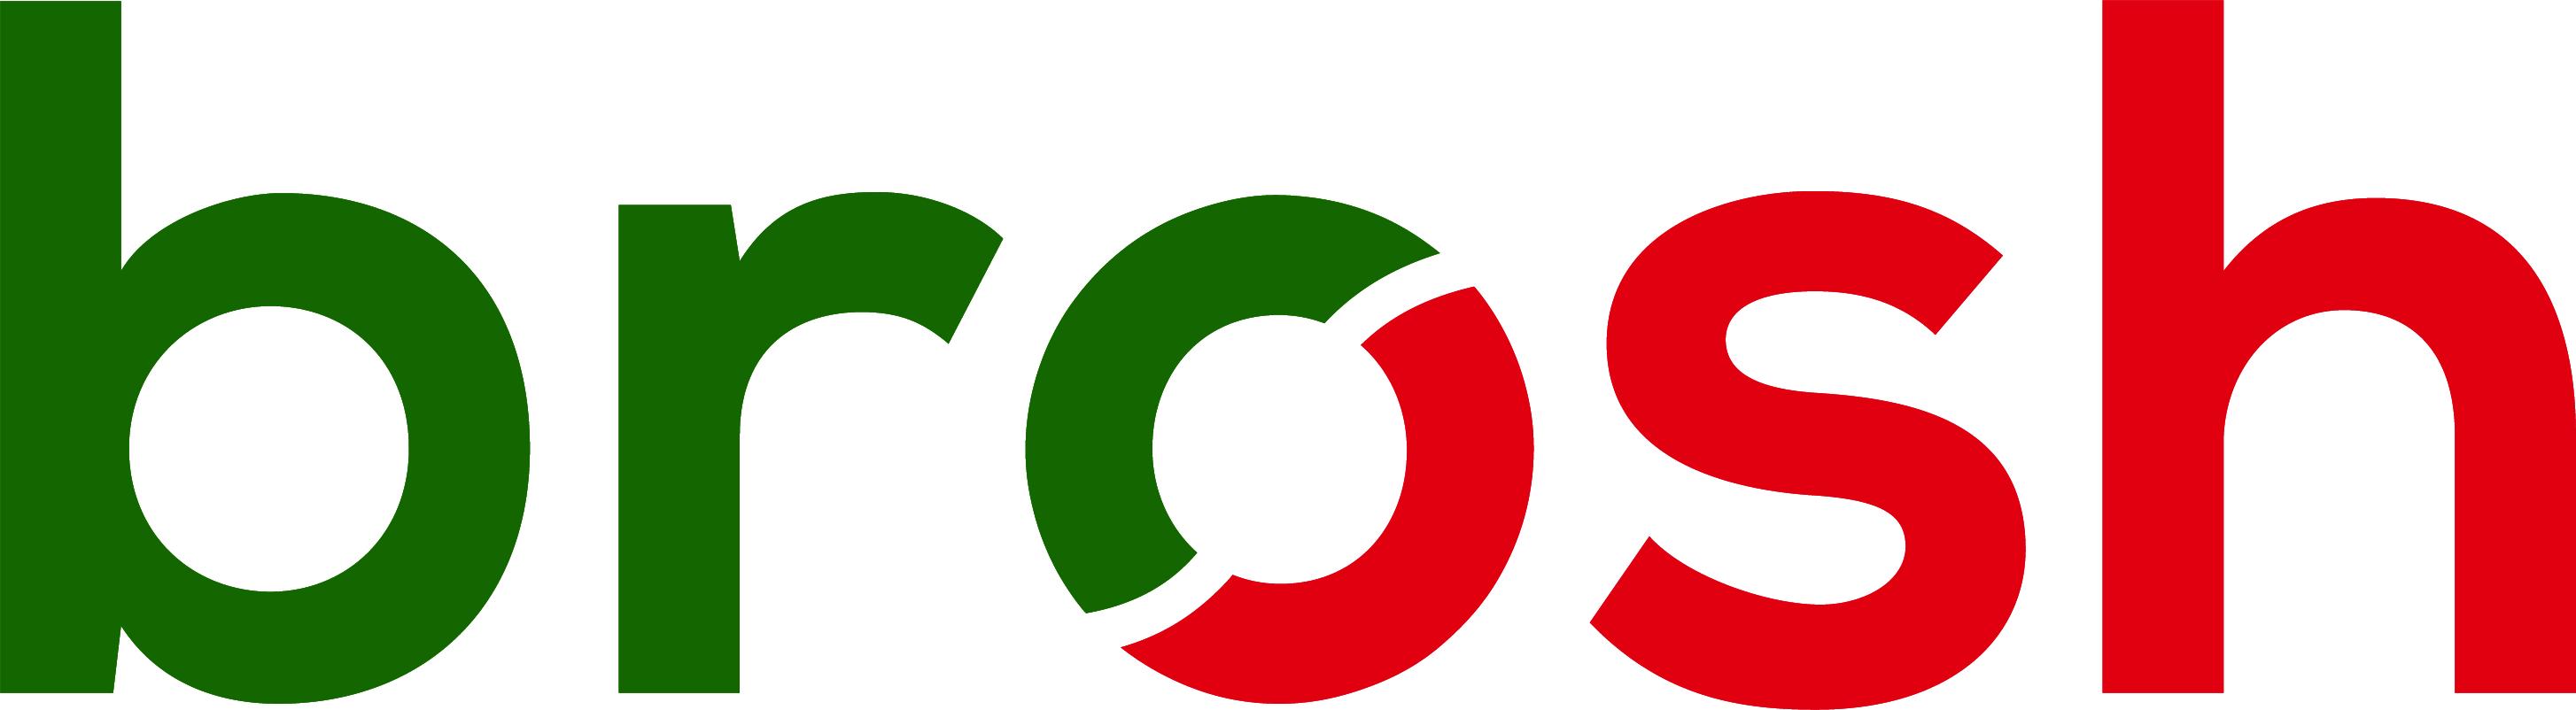 LogoBrosh-01